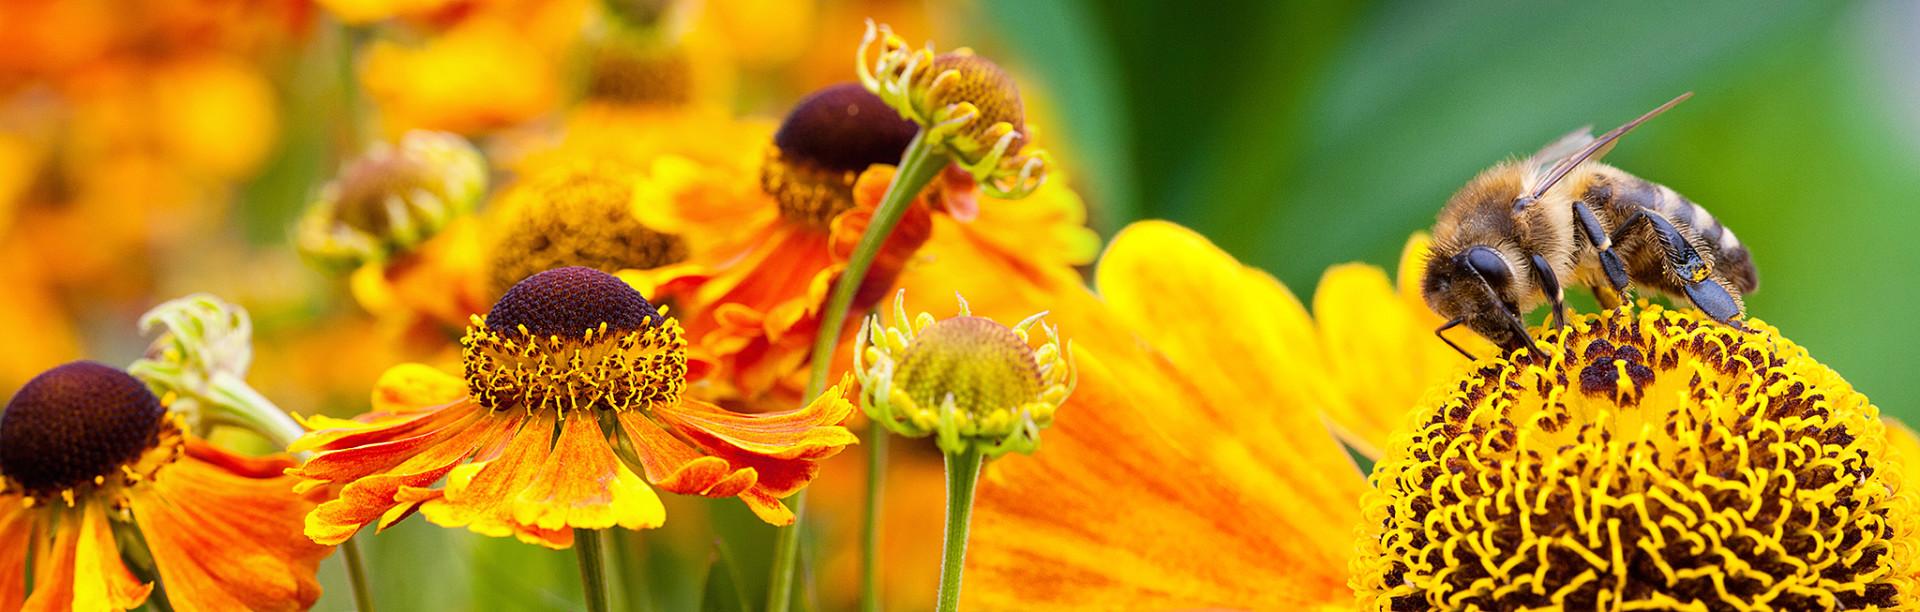 Collage-Bienen